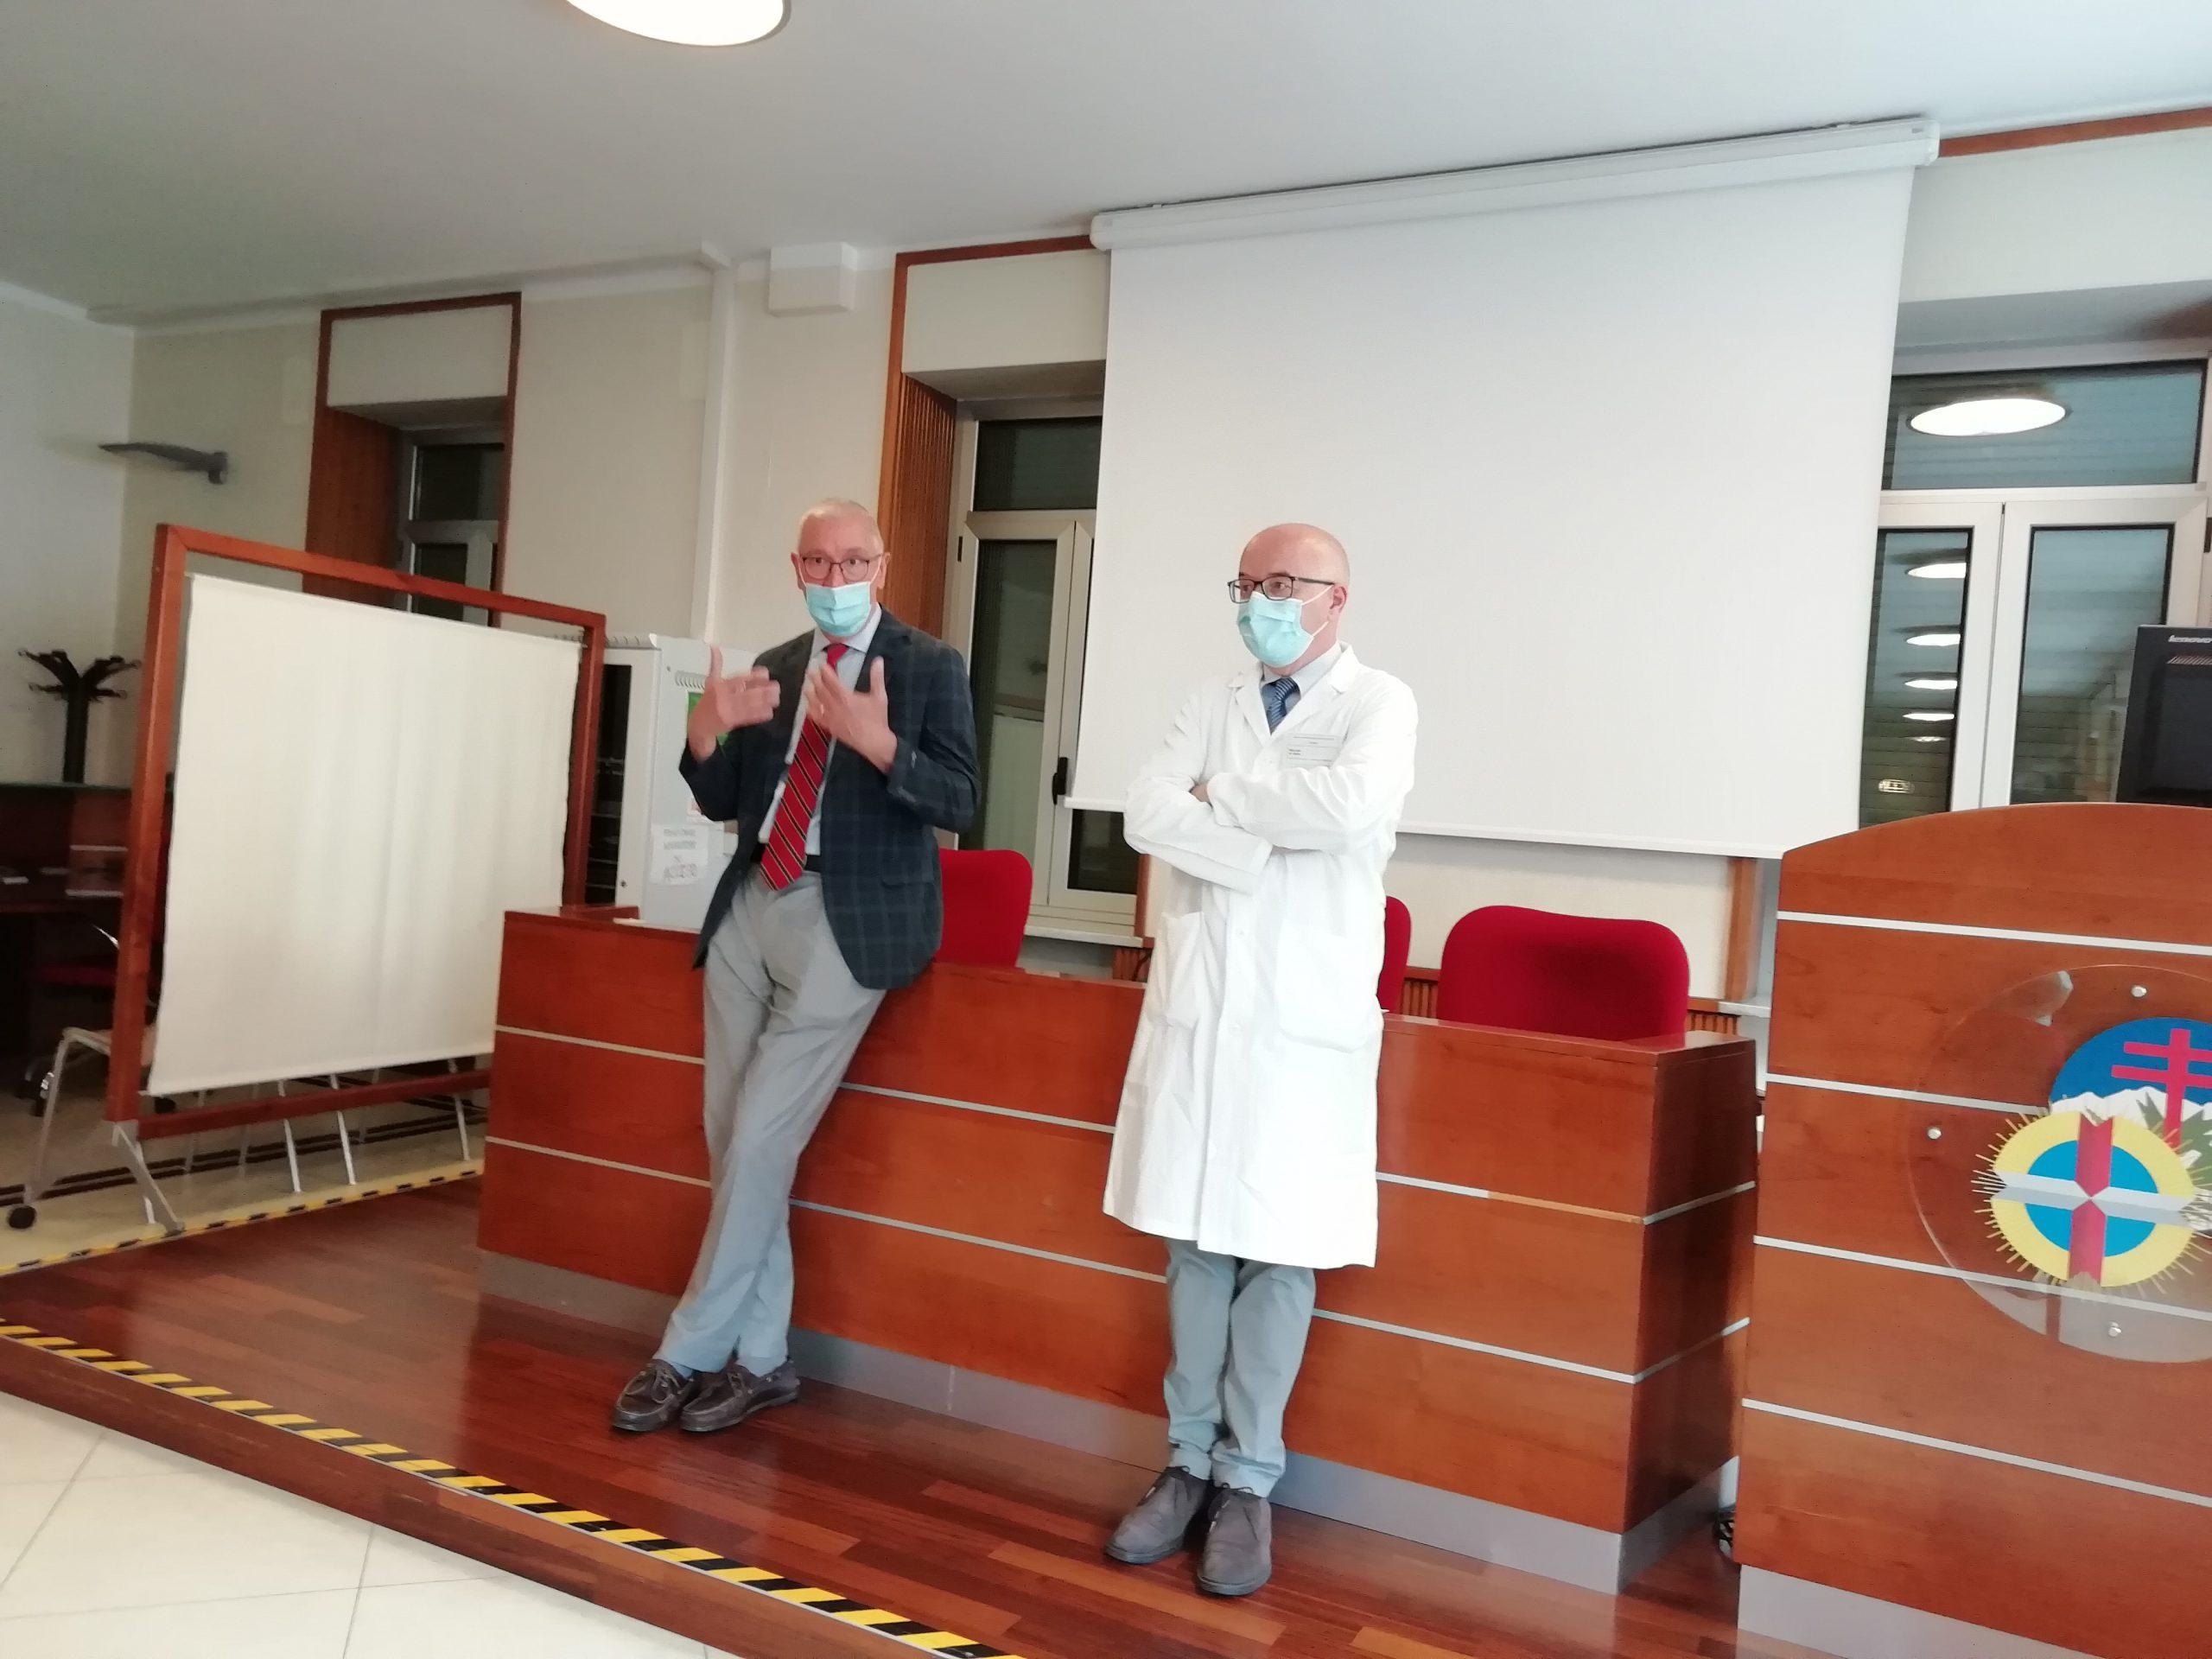 Dr. Giulio Melloni e dr. Alessandro Garibaldi